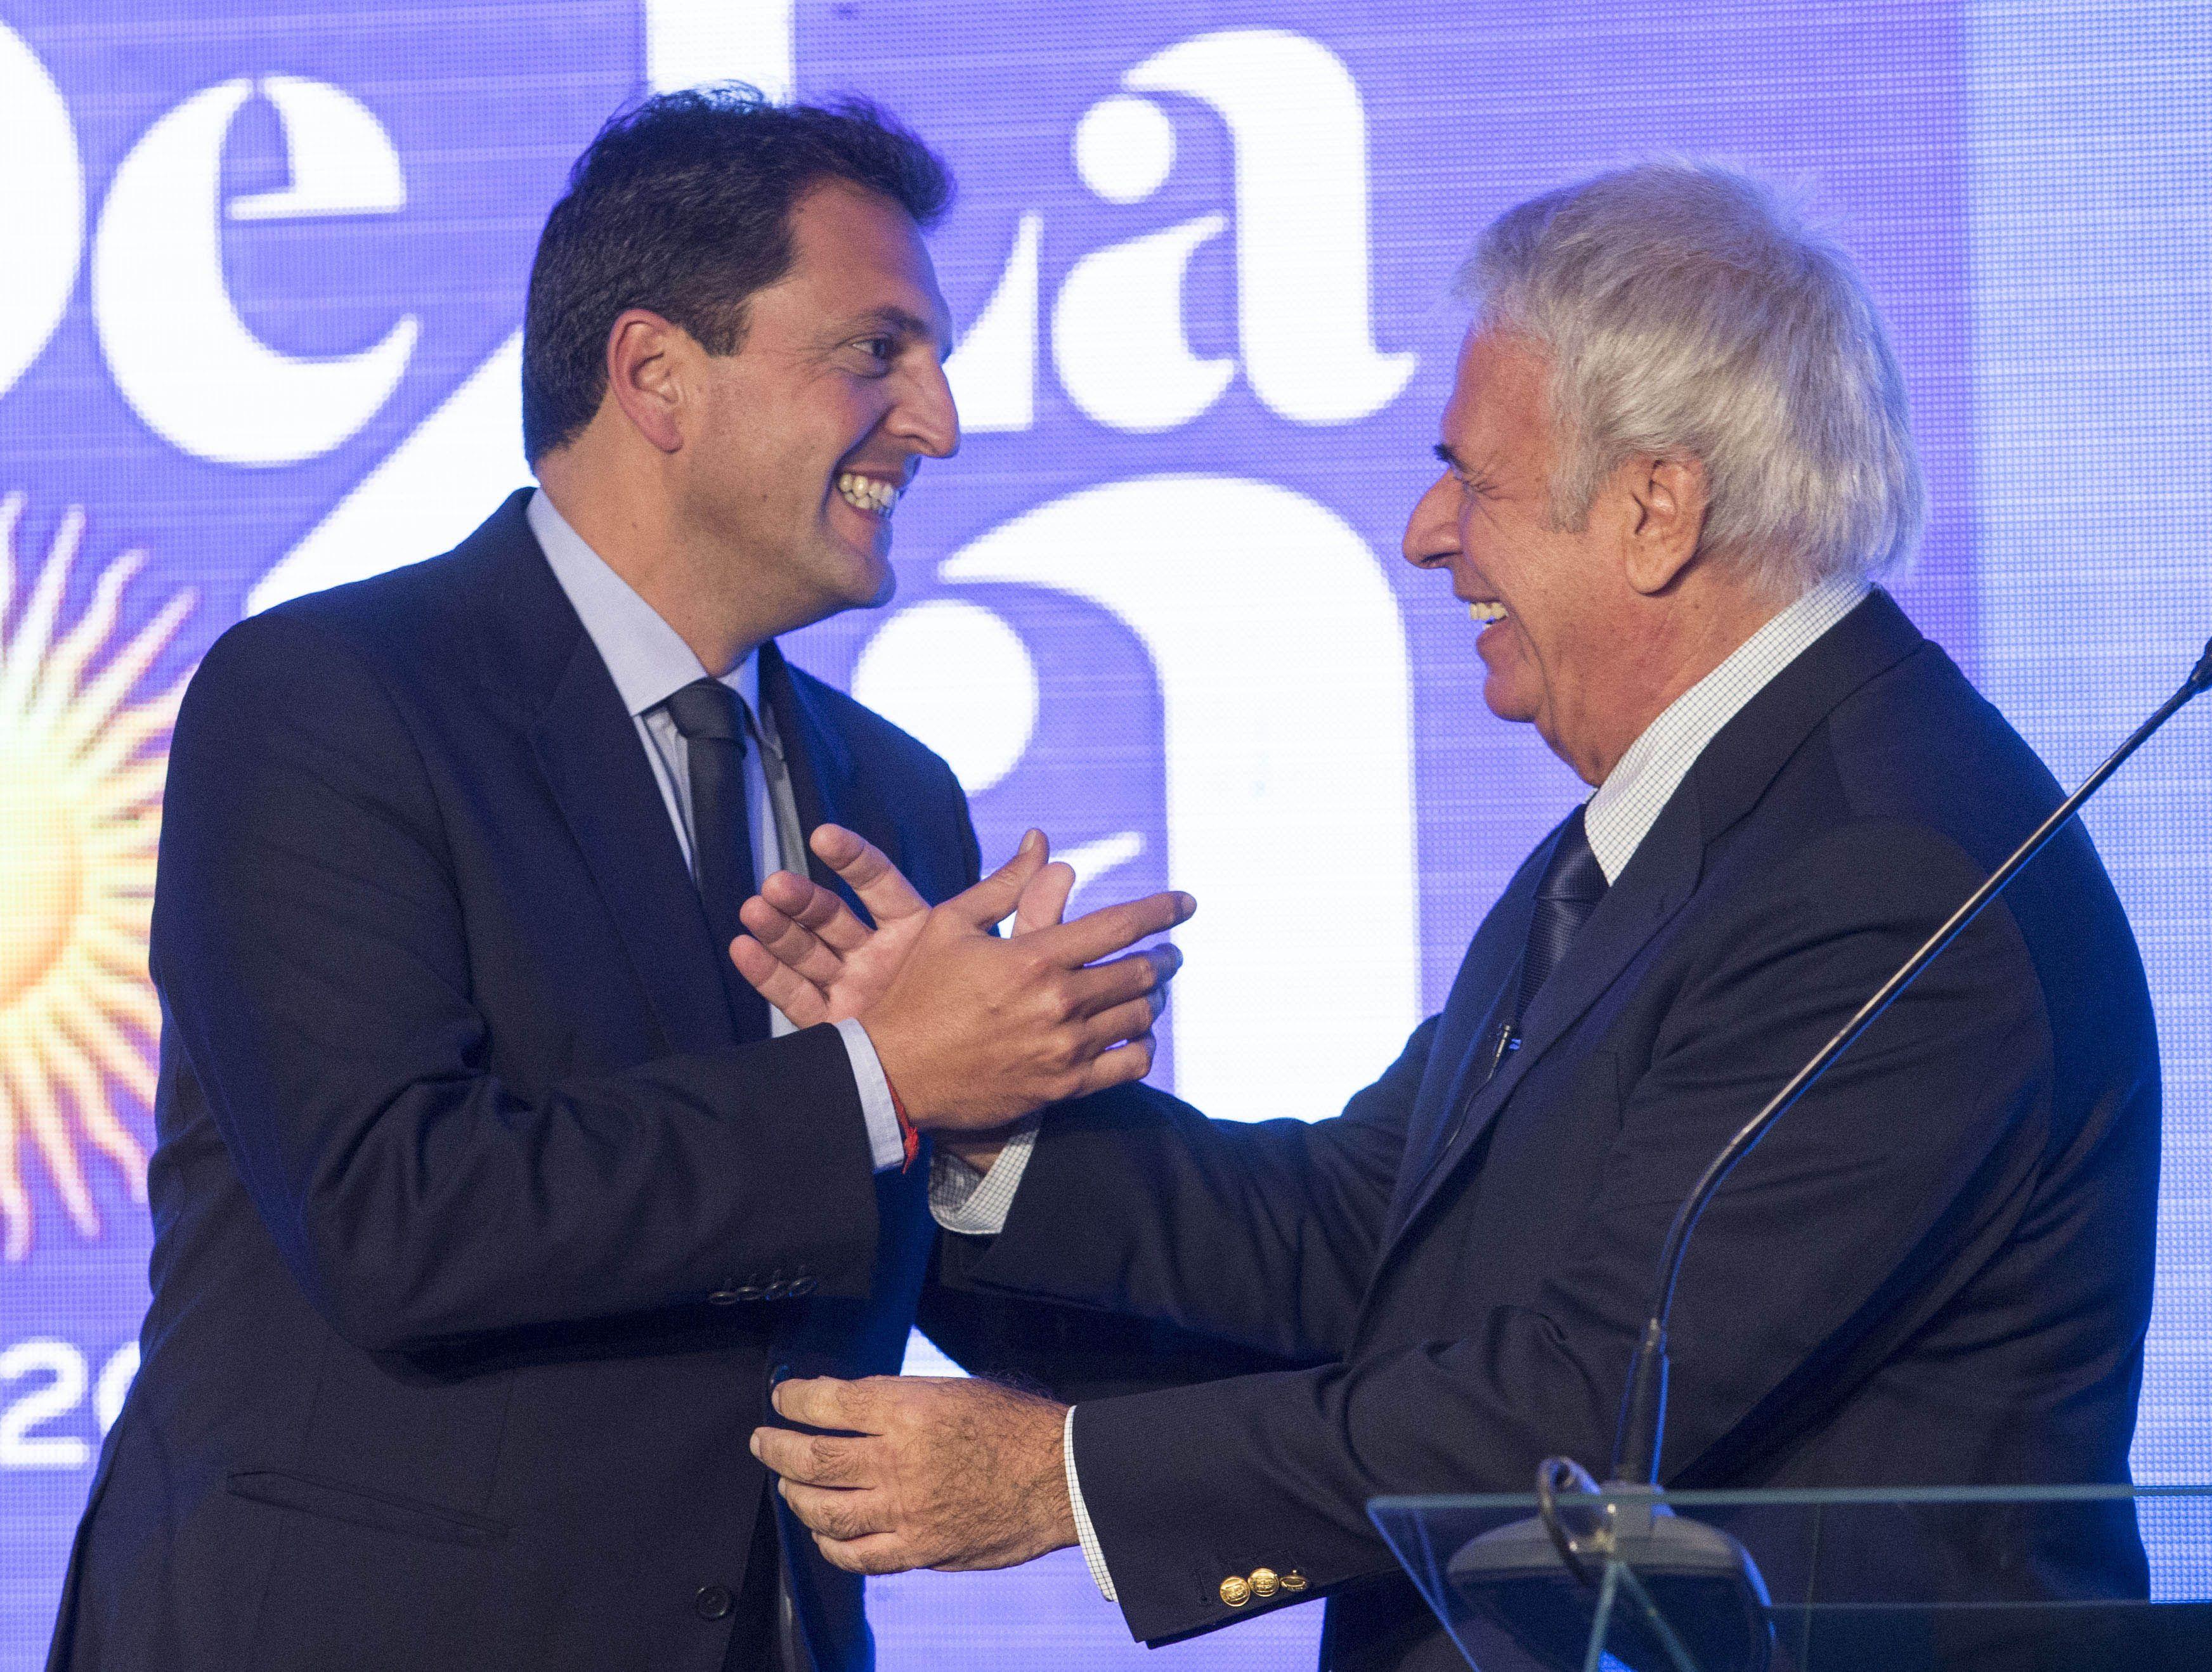 La nueva propuesta política quedó abierta a la incorporación del senador puntano Adolfo Rodríguez Saá.